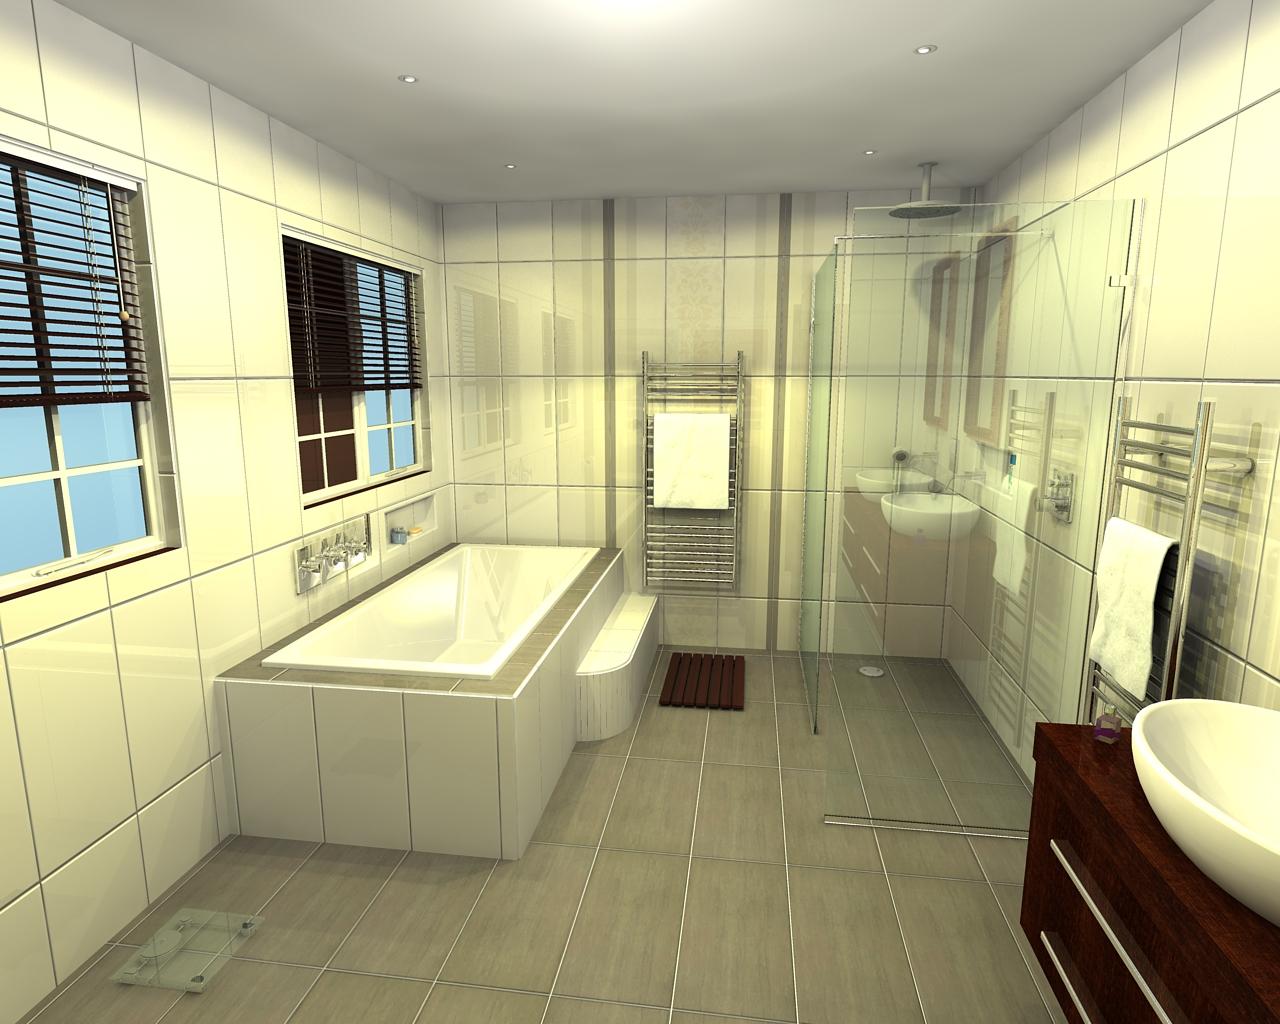 Balinea Bathroom Design Blog Wet Rooms and WalkIn Showers